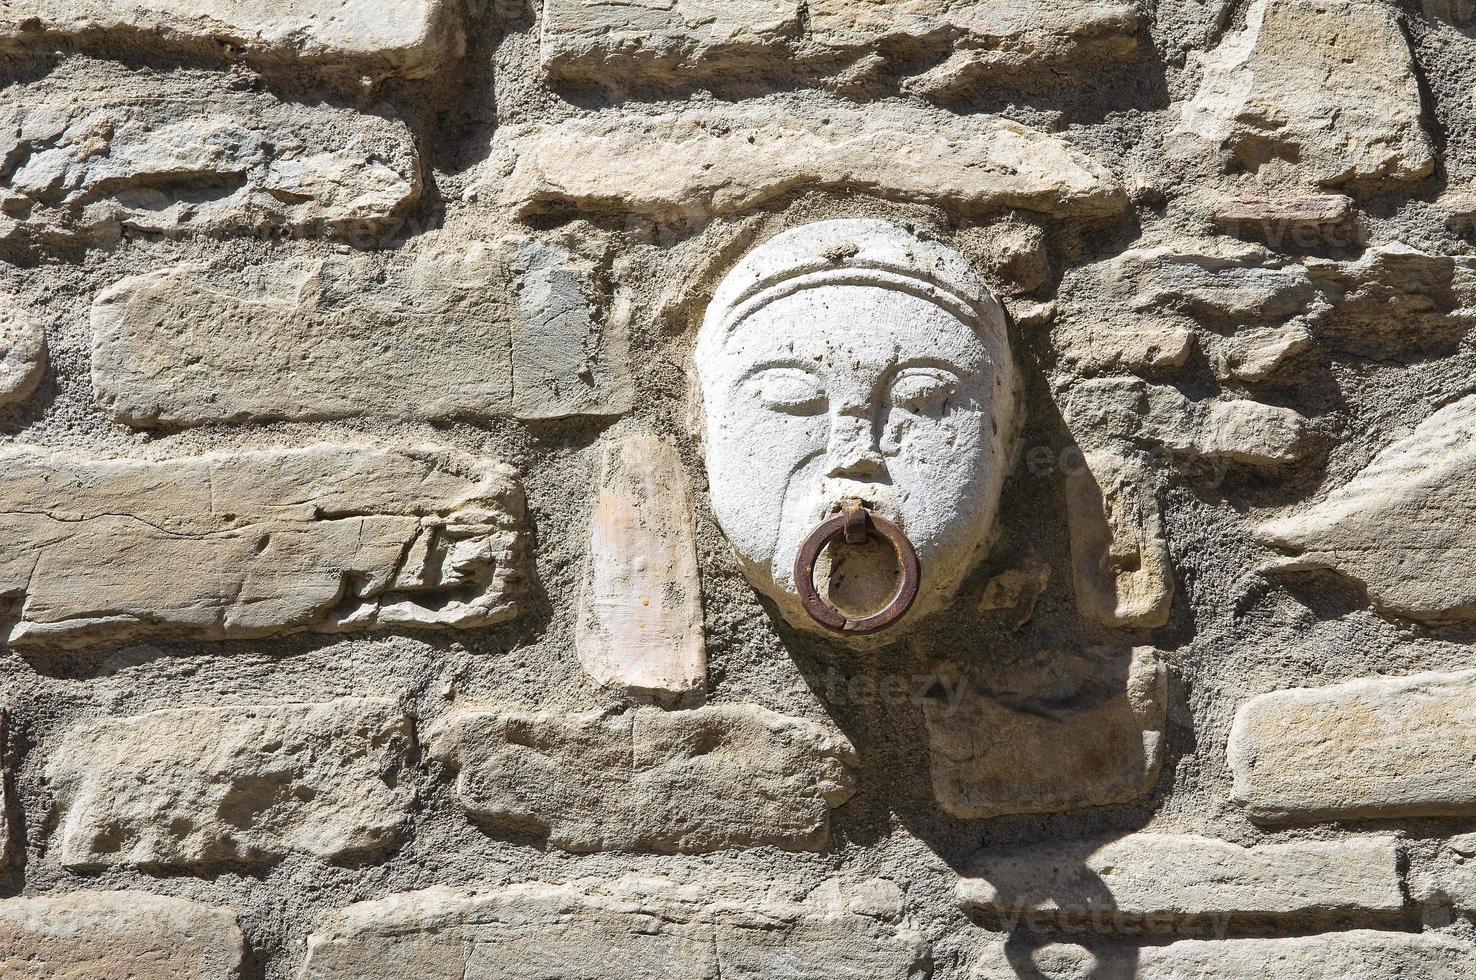 vecchio anello di cavallo. guardia perticara. basilicata. Italia. foto